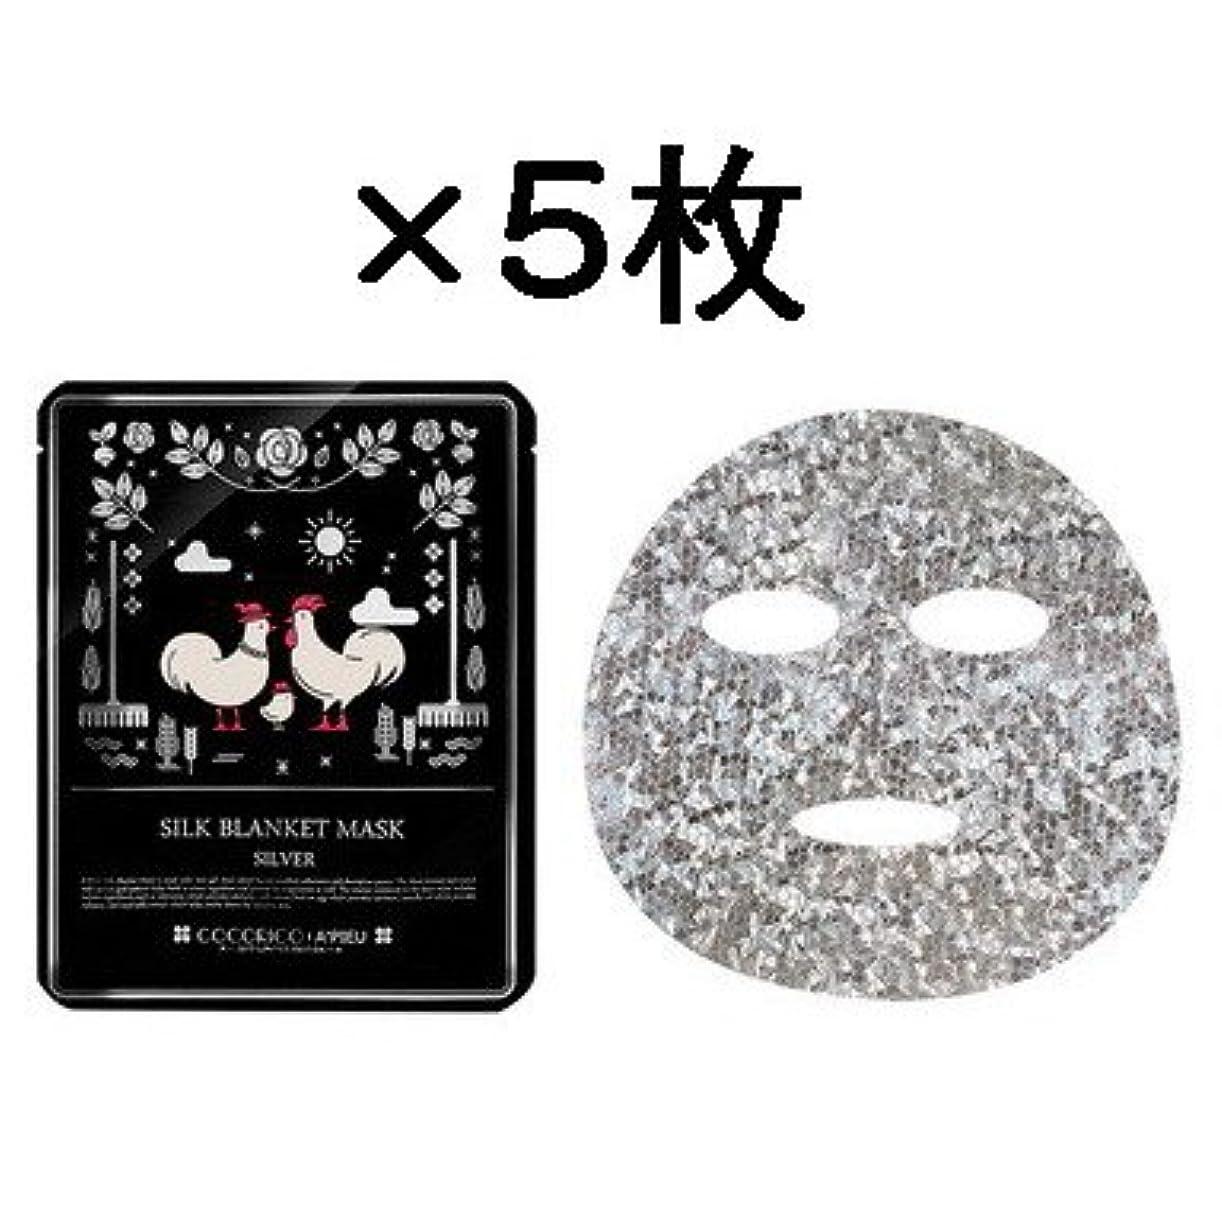 ヨーロッパまたたくさん【A'PIEU(アピュー)】錦布団マスク23g×5枚セット(銀糸- 保湿&トーン補整) [並行輸入品]